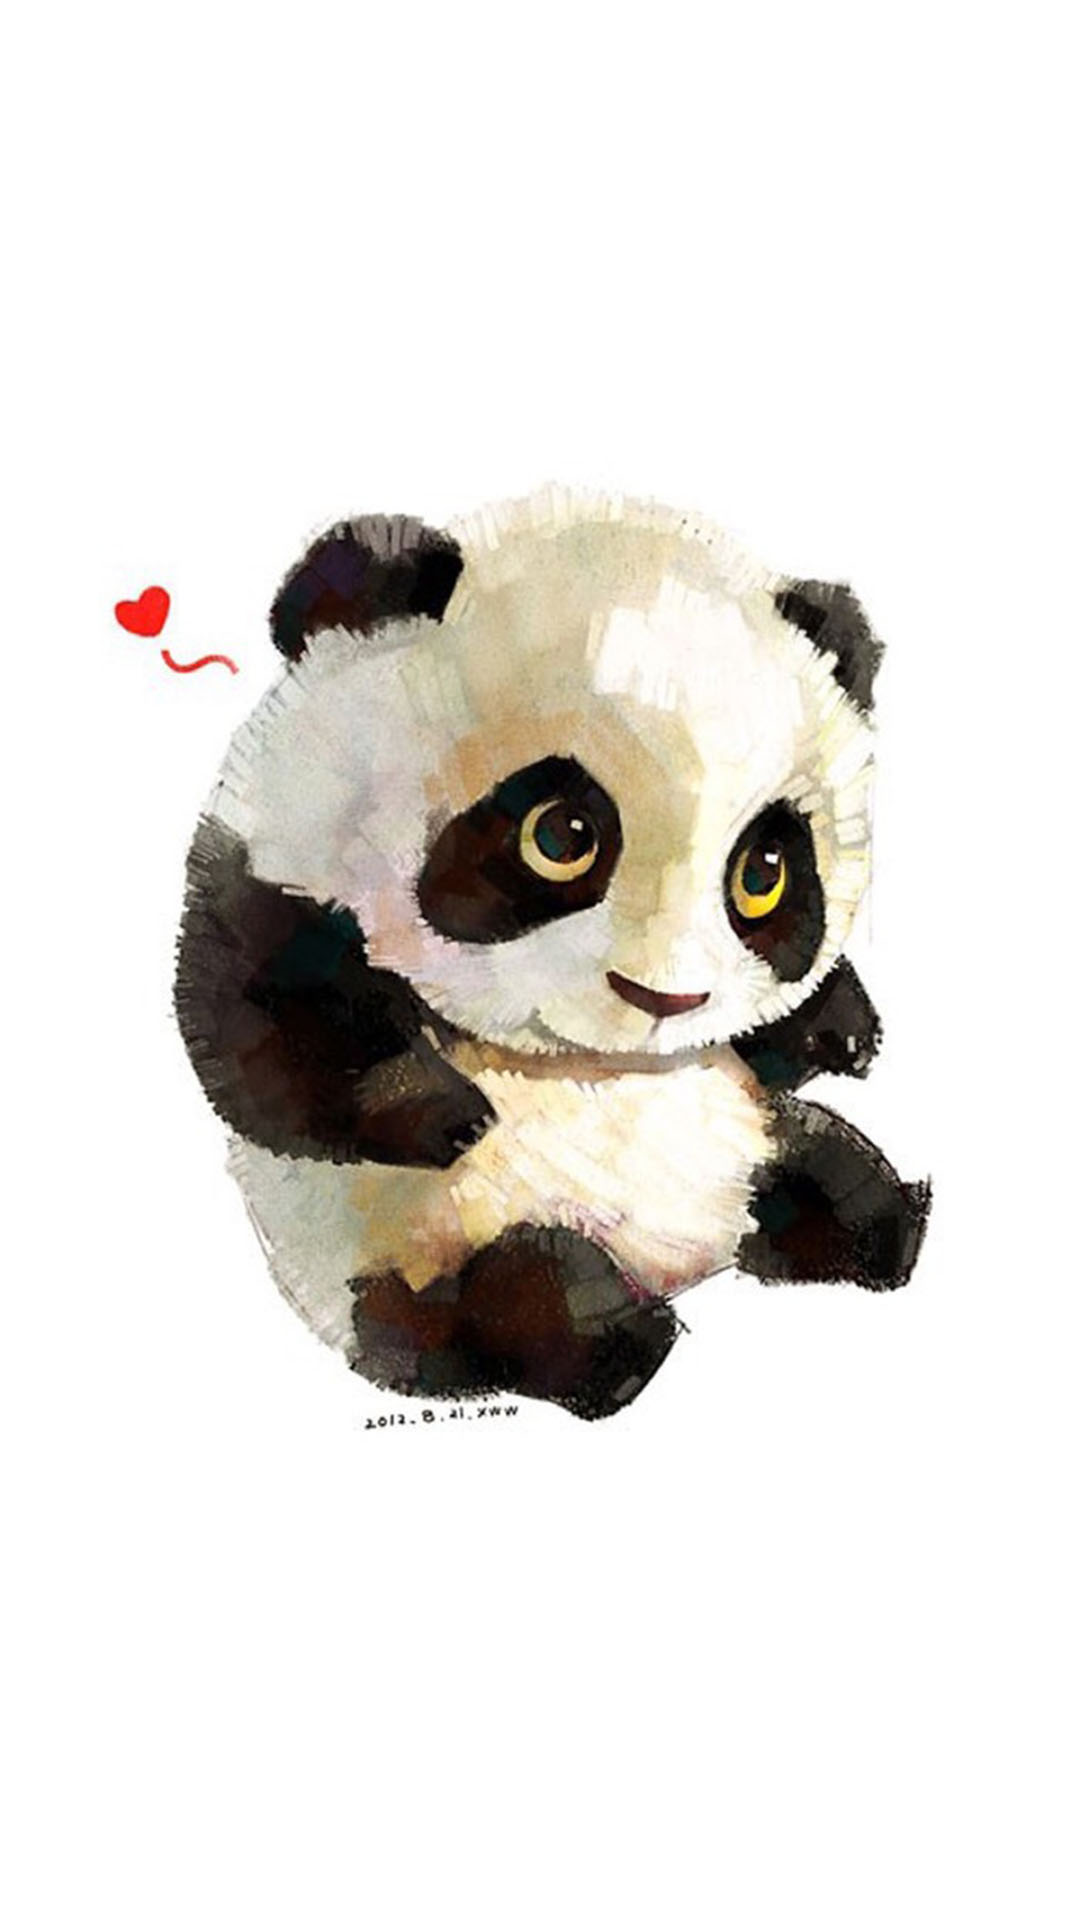 白色背景 可爱的手绘熊猫 爱心 苹果手机高清壁纸 x